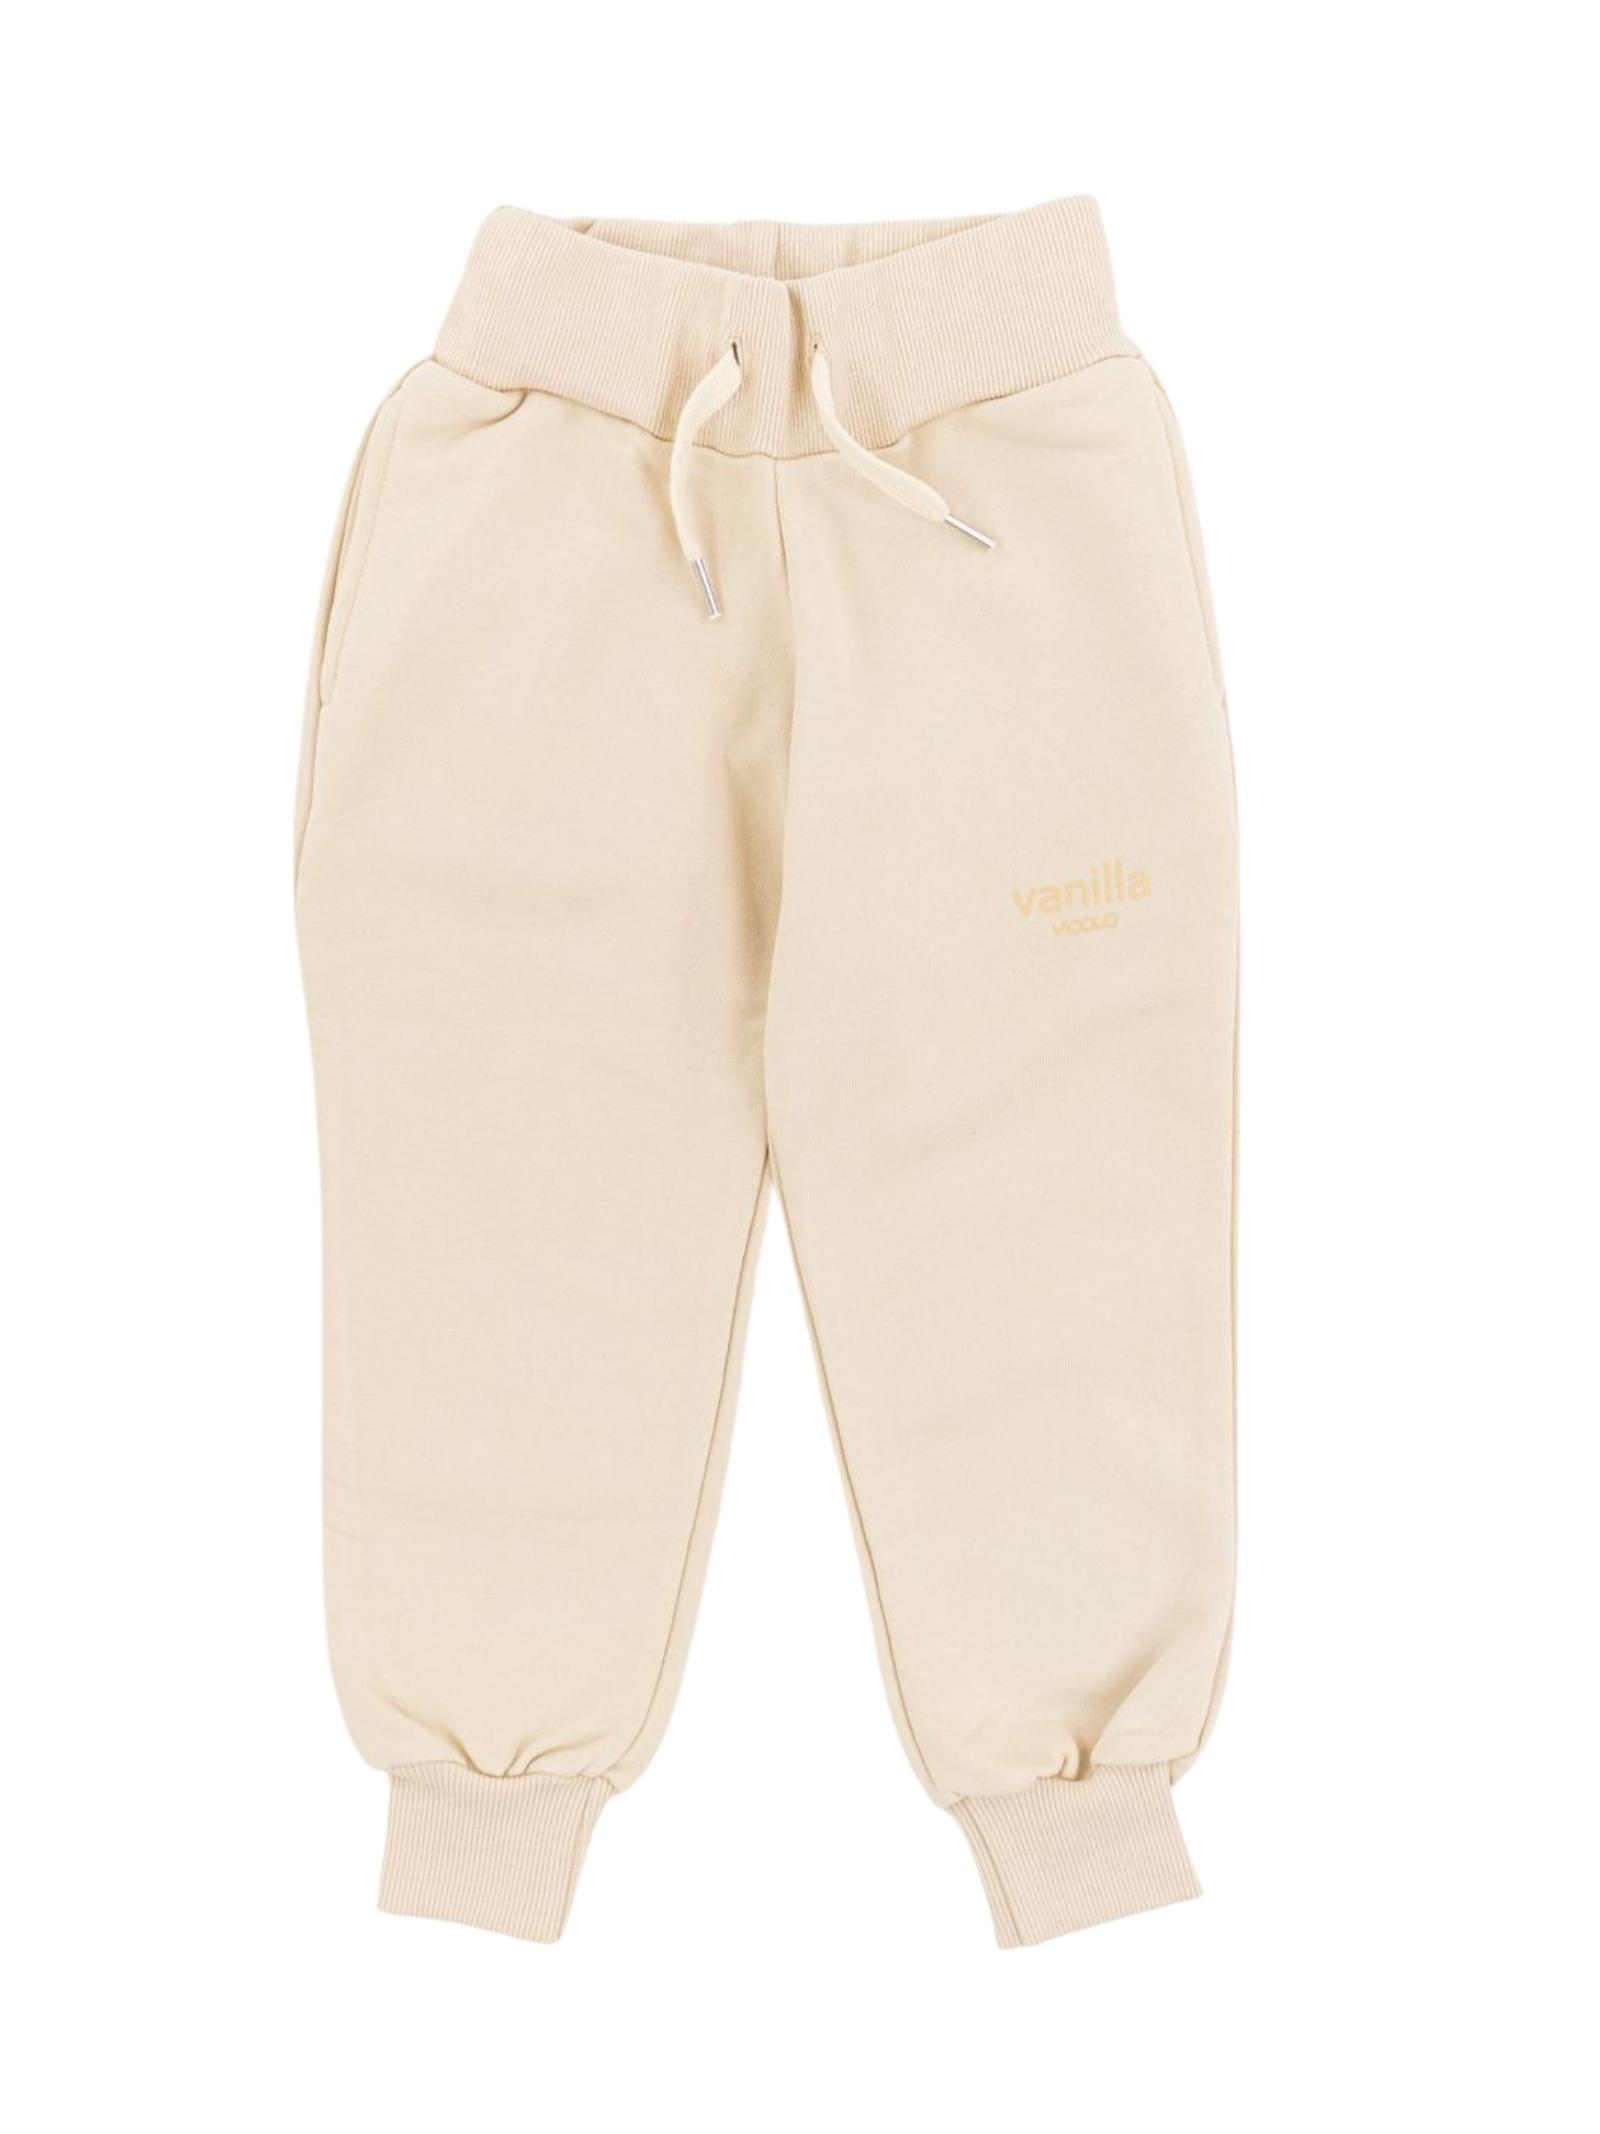 Vanilla Girls Trousers VICOLO KIDS | Trousers | 3141PF0665VANIGLIA